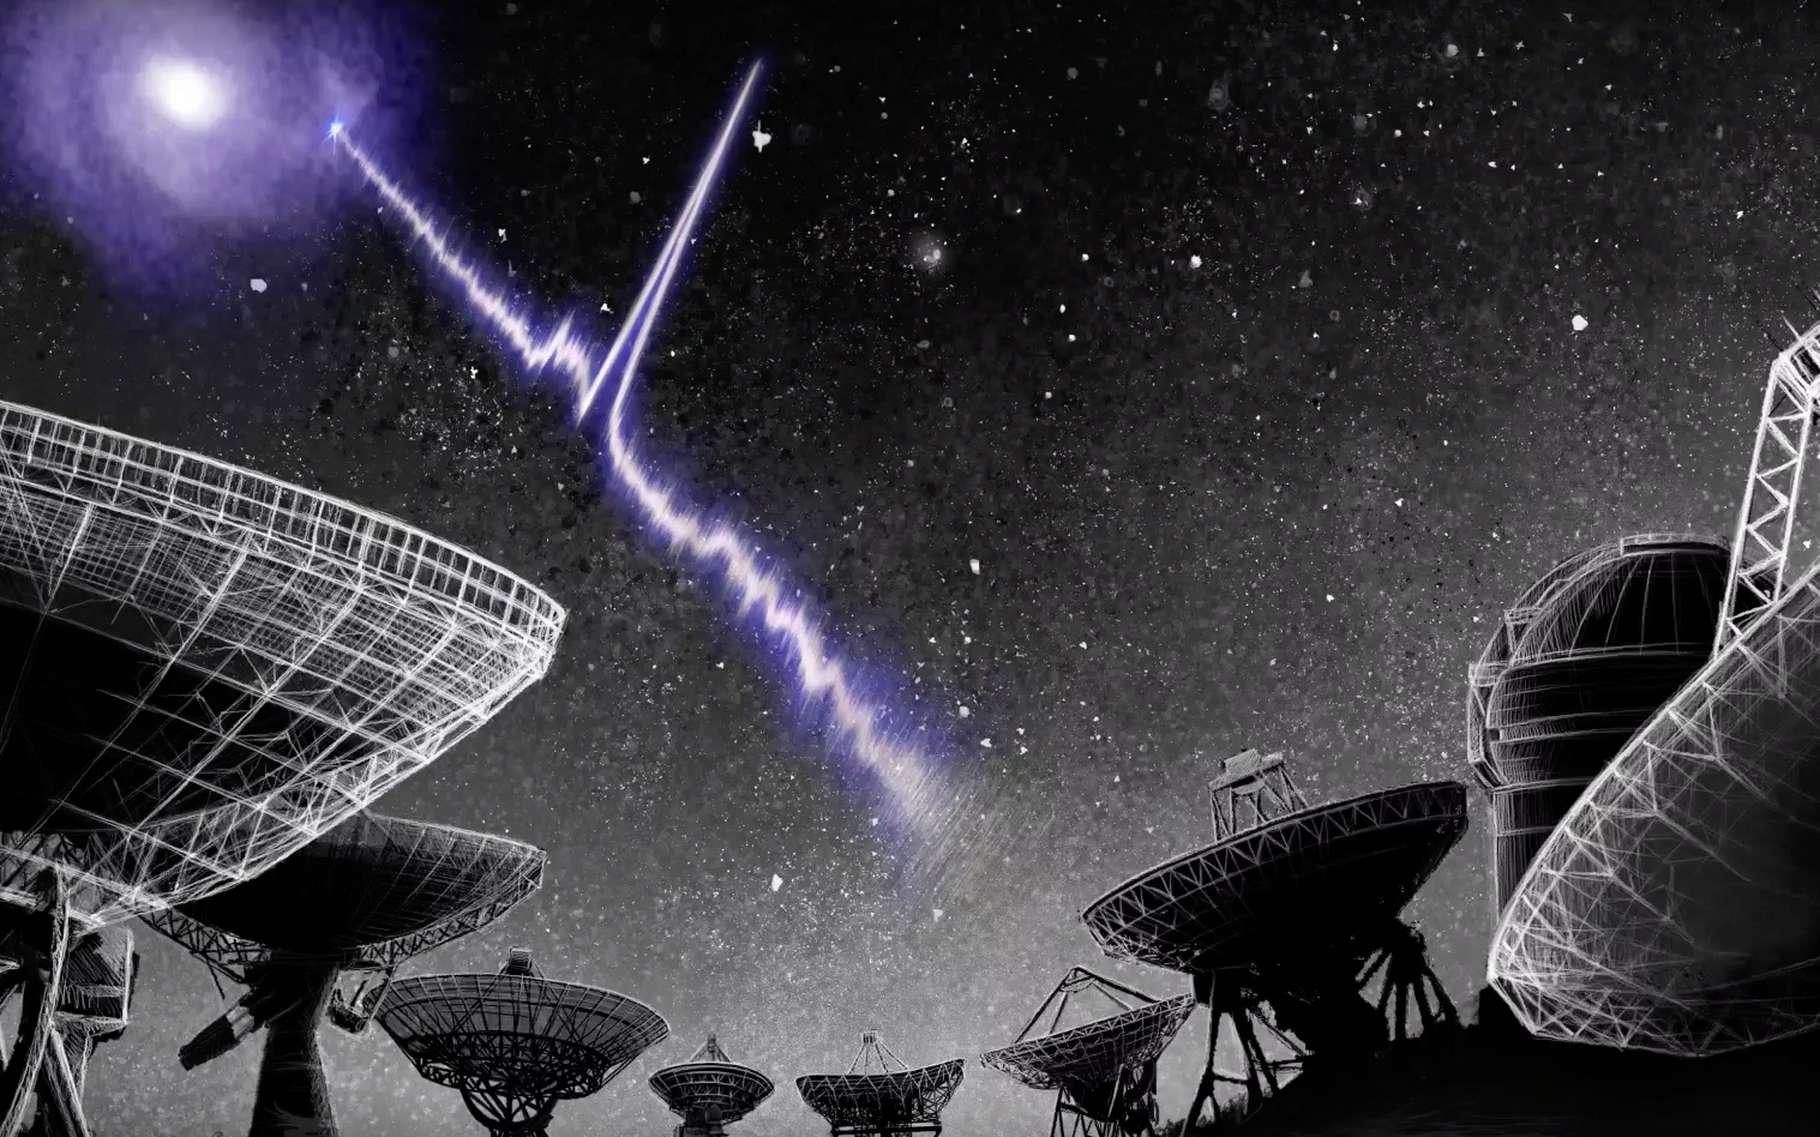 C'est grâce à des données recueillies par le radiotélescope Chime (Canadian Hydrogen Intensity Mapping Experiment) que des astronomes ont mis au jour une périodicité dans l'activité du sursaut radio rapide FRB 189016.J0158+65. Selon un astronome de l'université de Harvard (États-Unis), on ne peut pas exclure qu'il soit le fait d'une civilisation extraterrestre. © Danielle Futselaar, artsource.nl, Institut néerlandais de radioastronomie